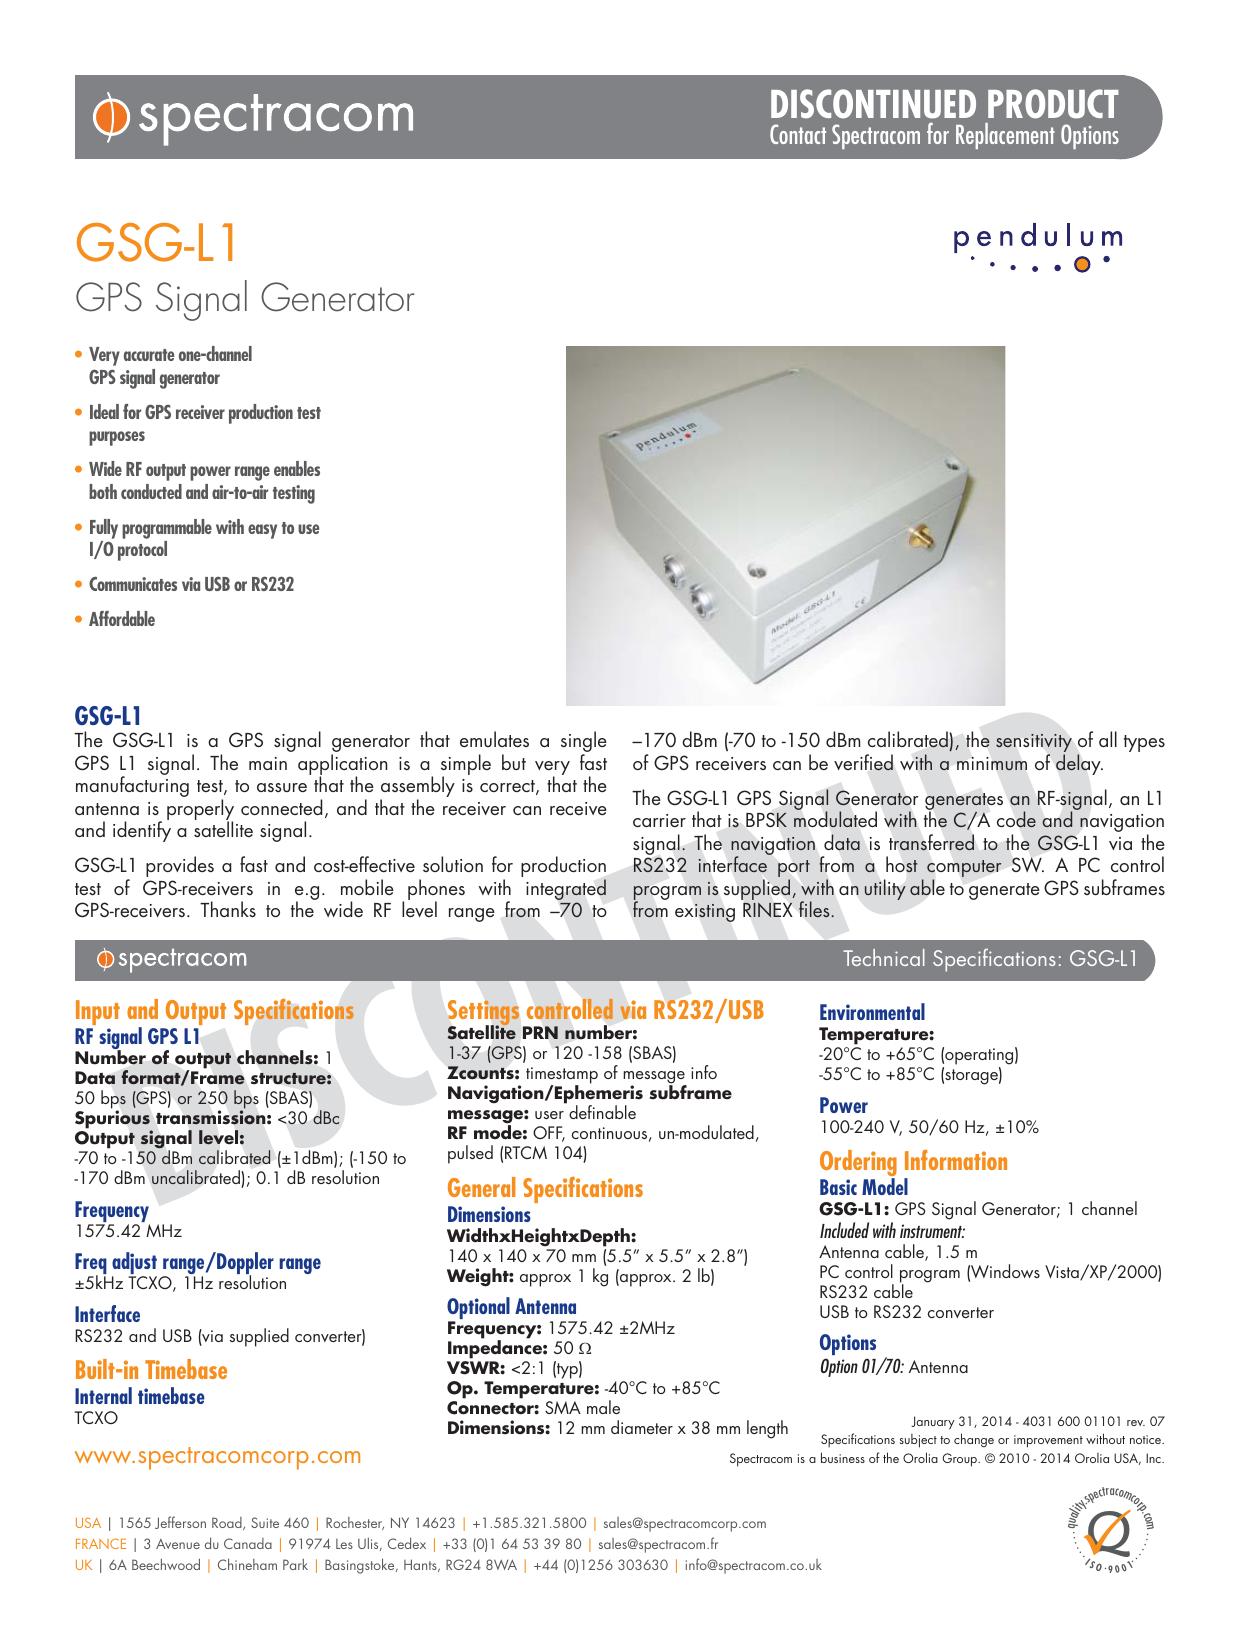 GSG-L1 - Spectracom | manualzz com